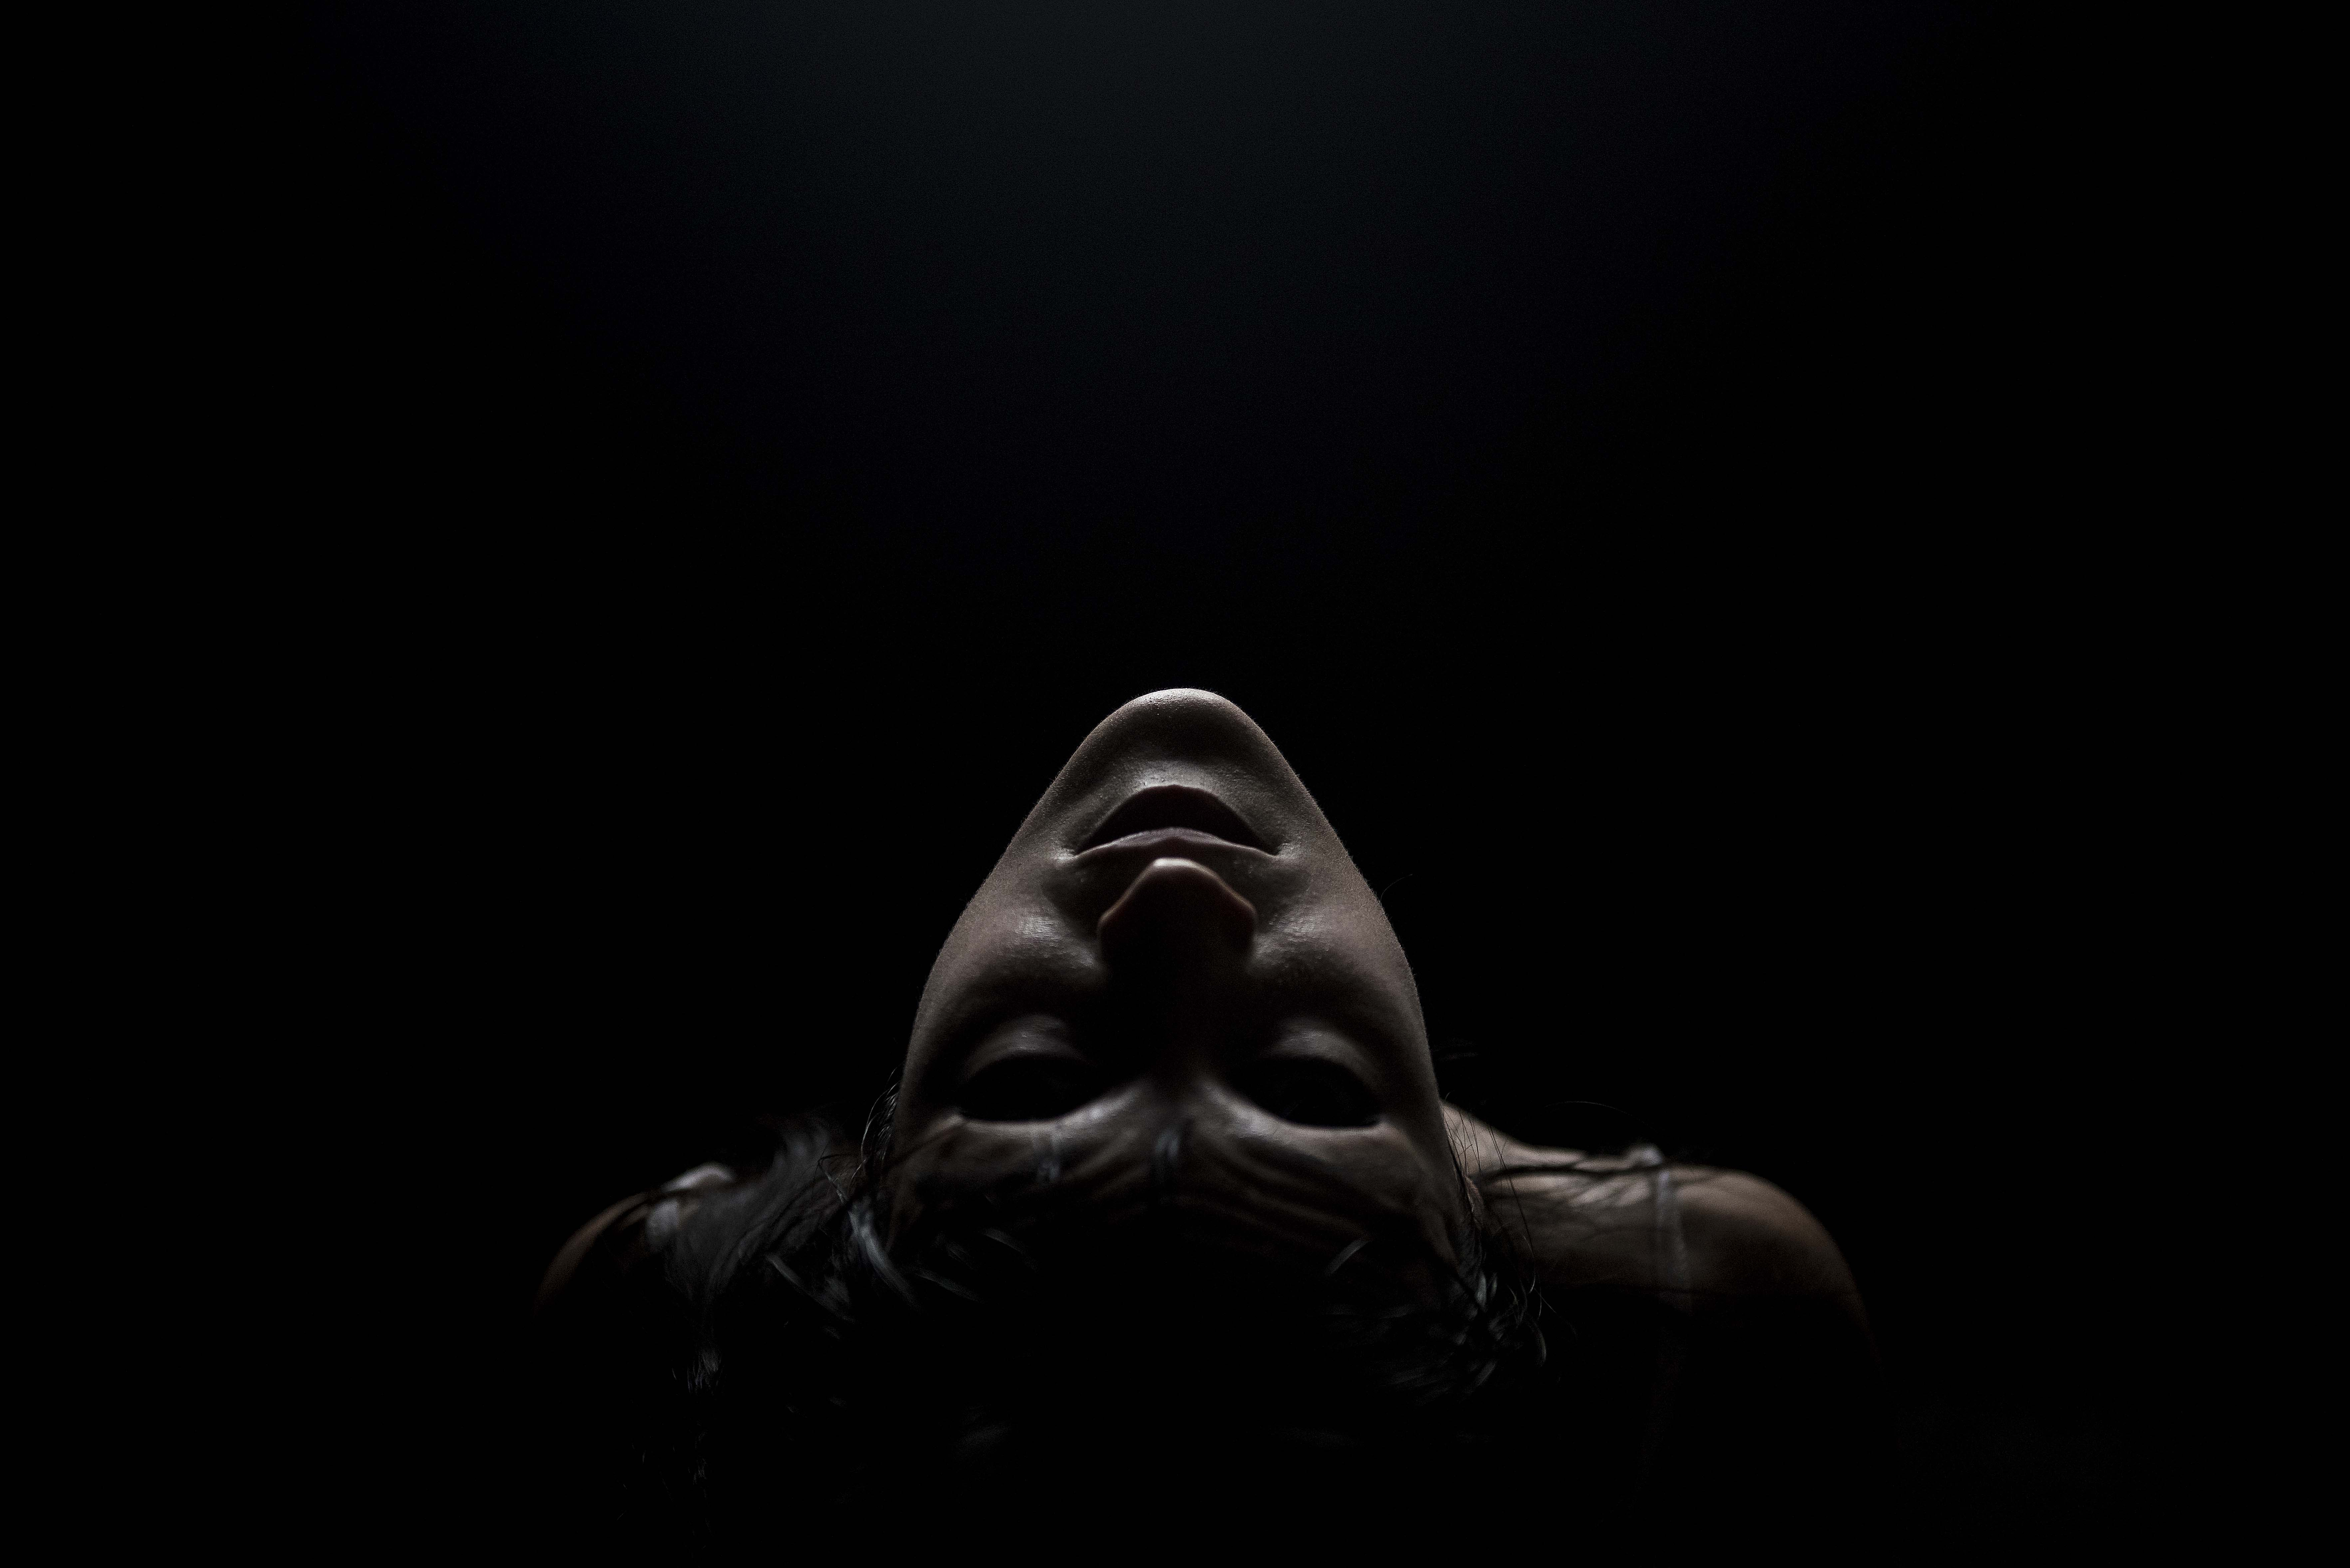 consciencia / inconsciencia